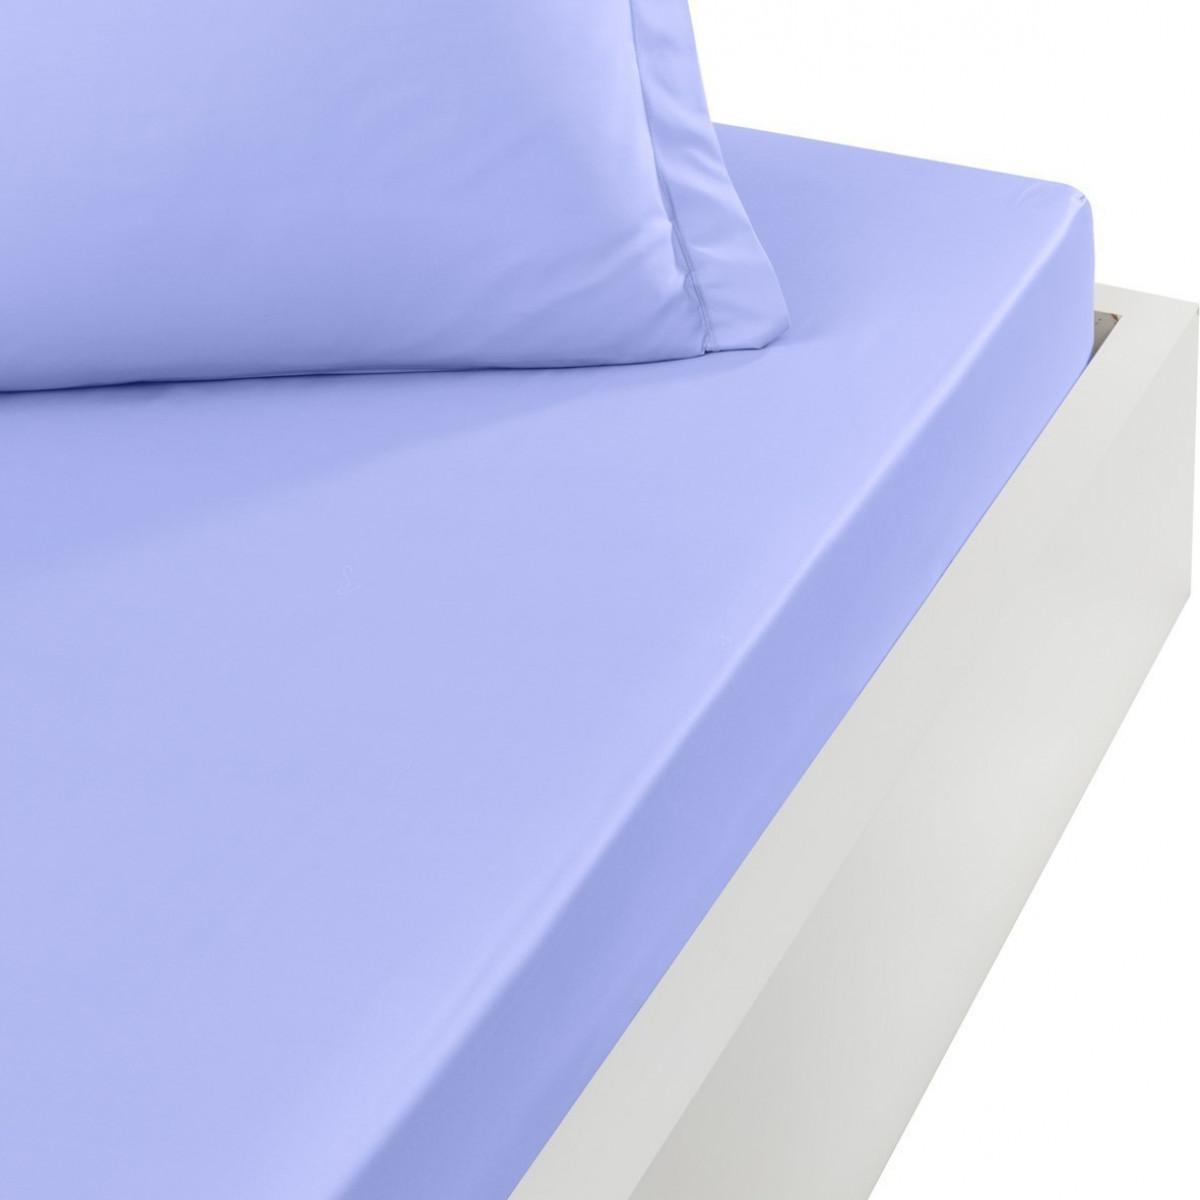 Drap housse en percale de coton bon Azur 160x200 cm